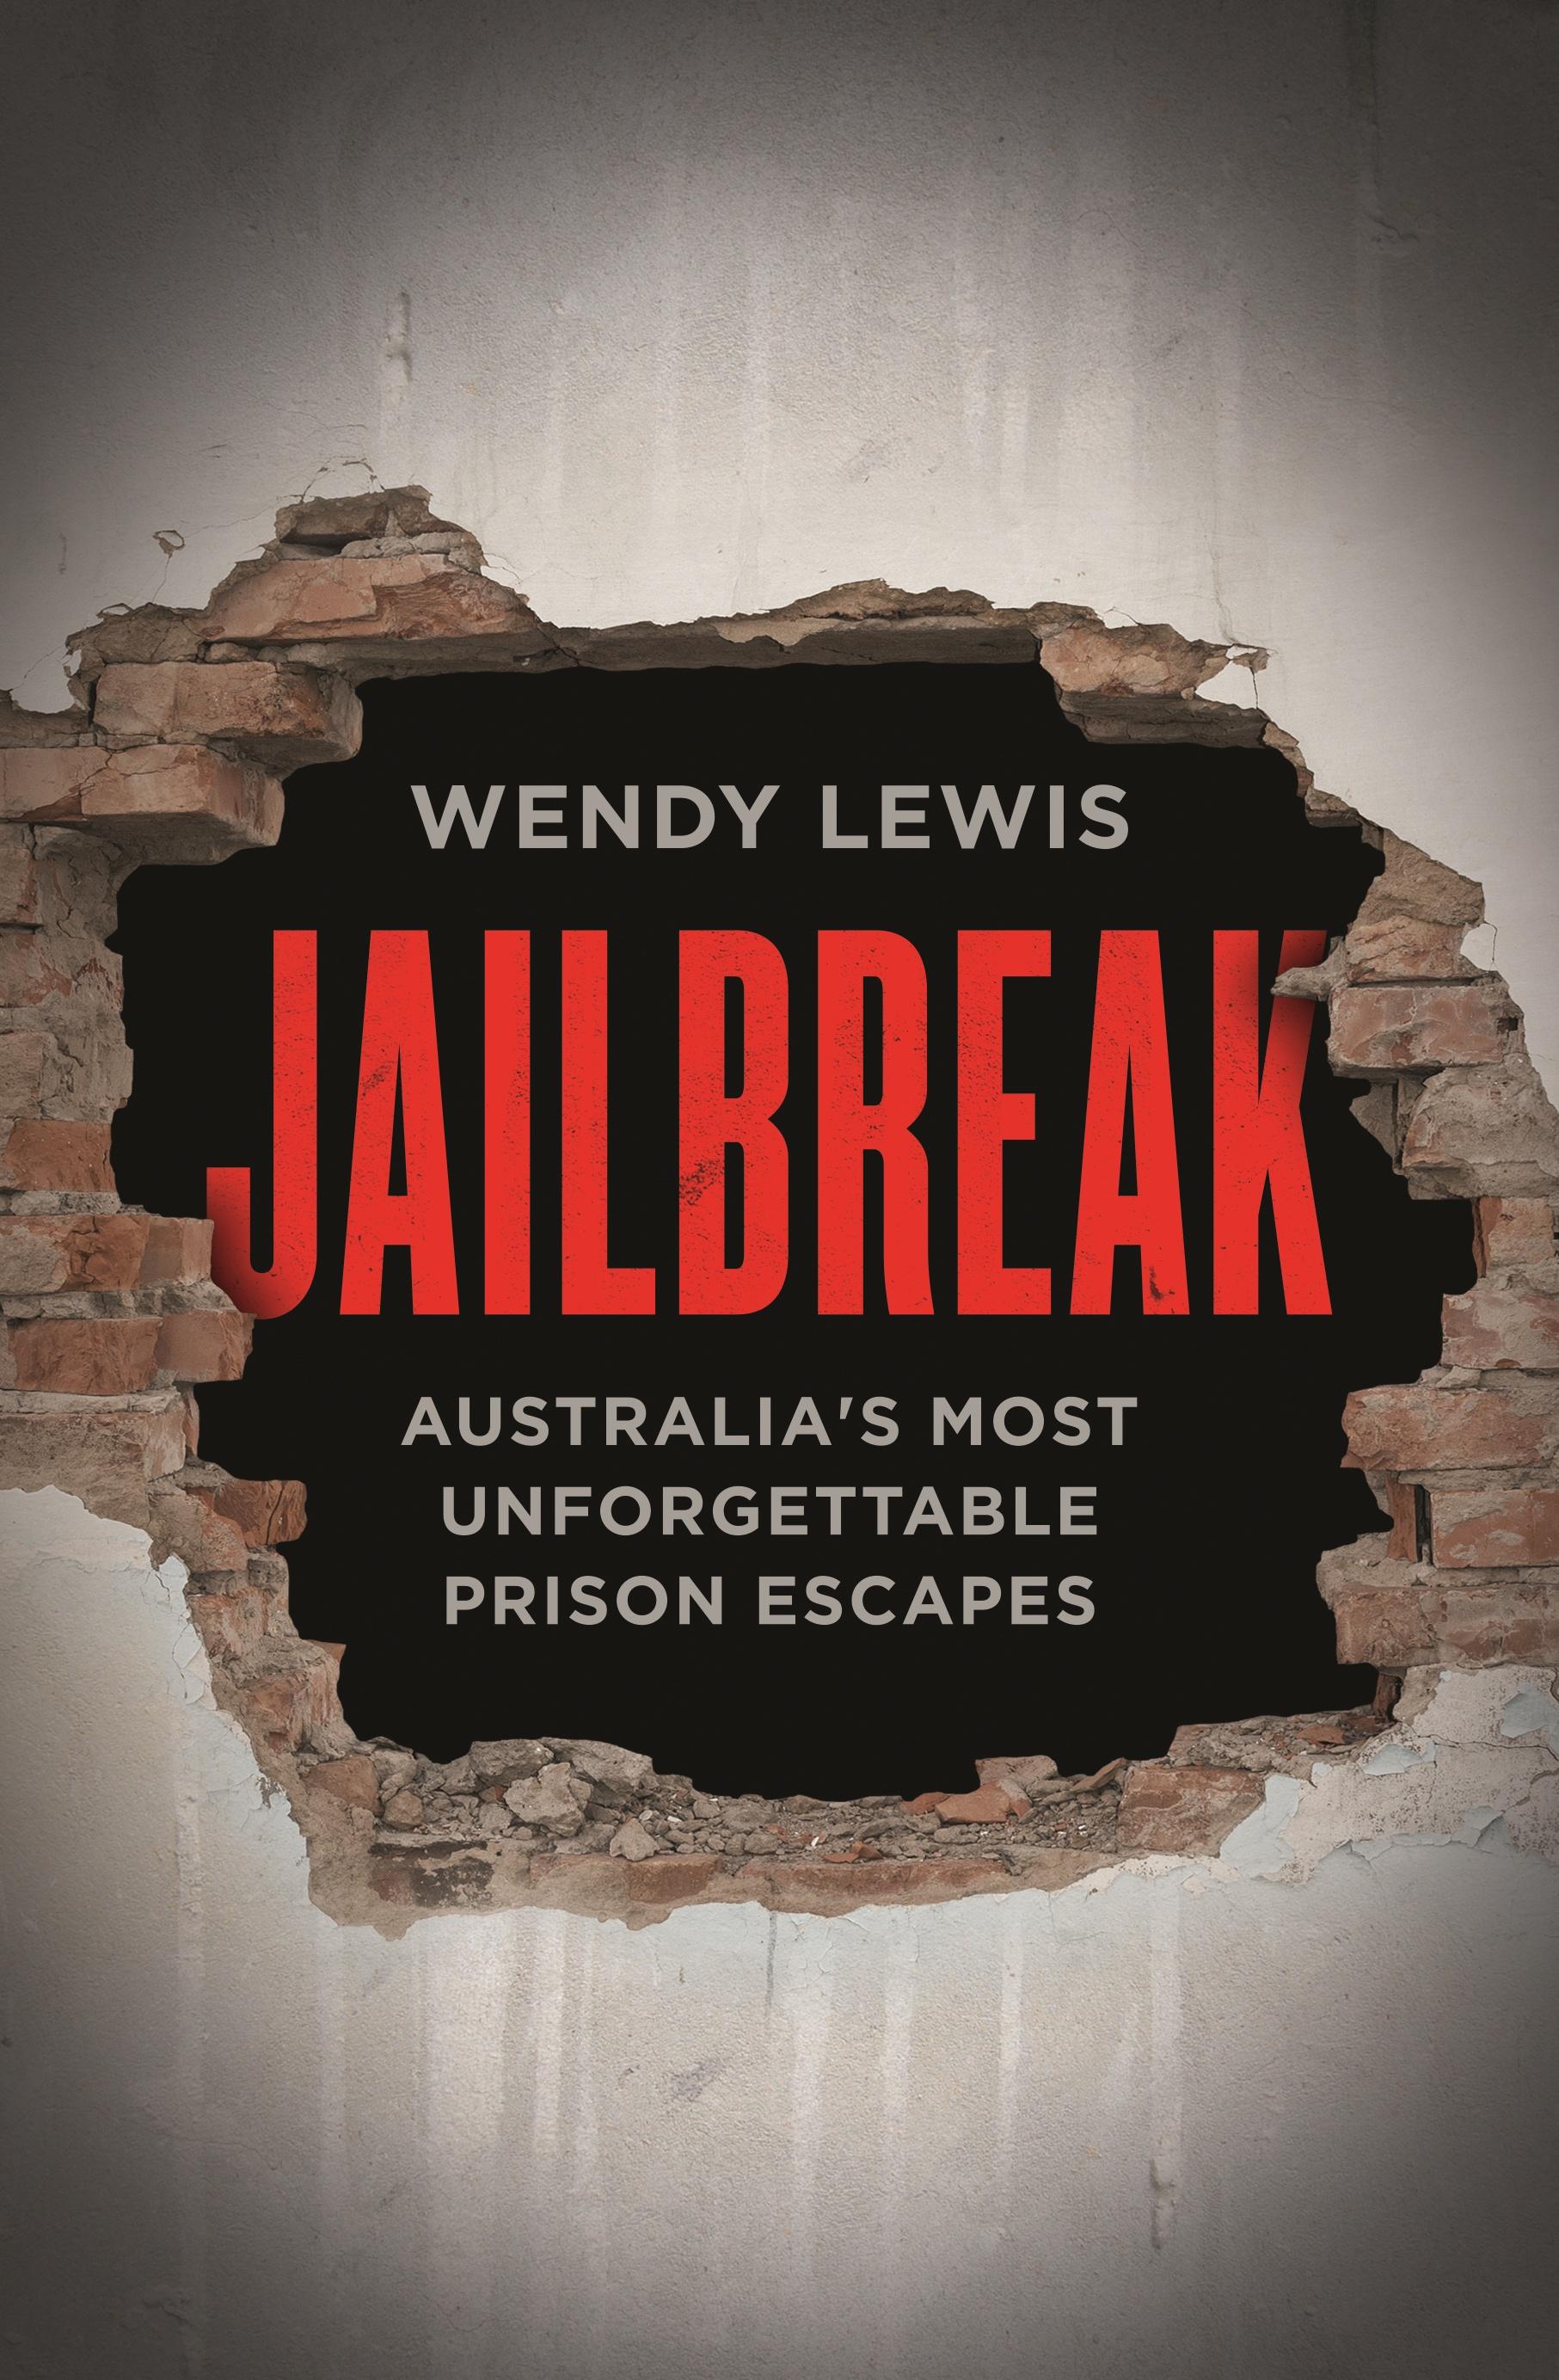 Jailbreak - Wendy Lewis - 9781760401238 - Allen & Unwin